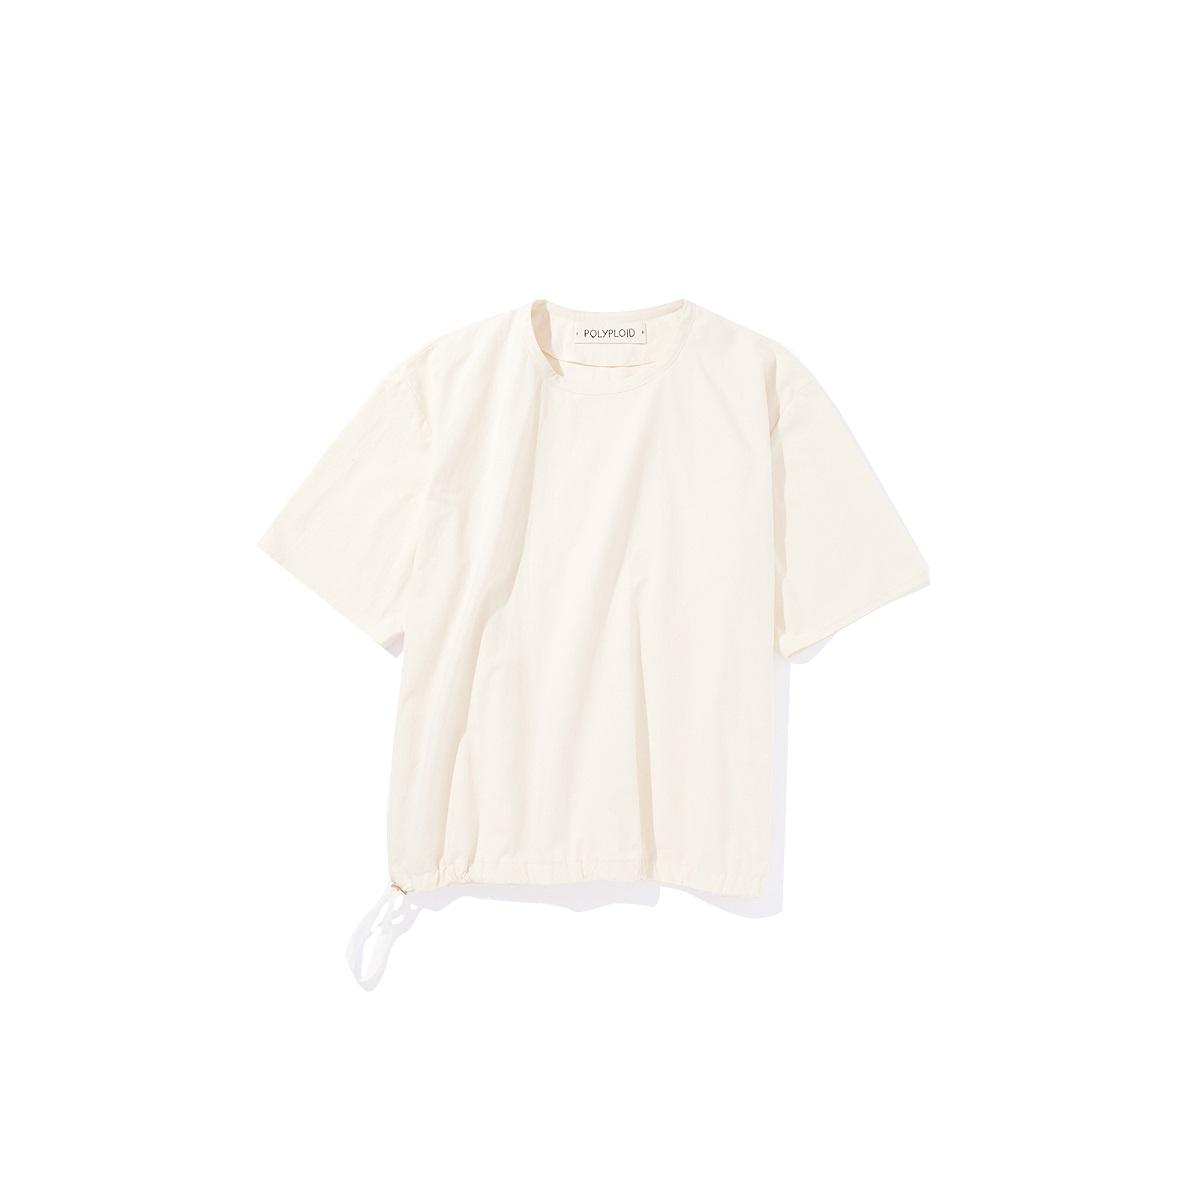 ドイツ発のユニセックスブランド〈ポリプロイド〉Tシャツ